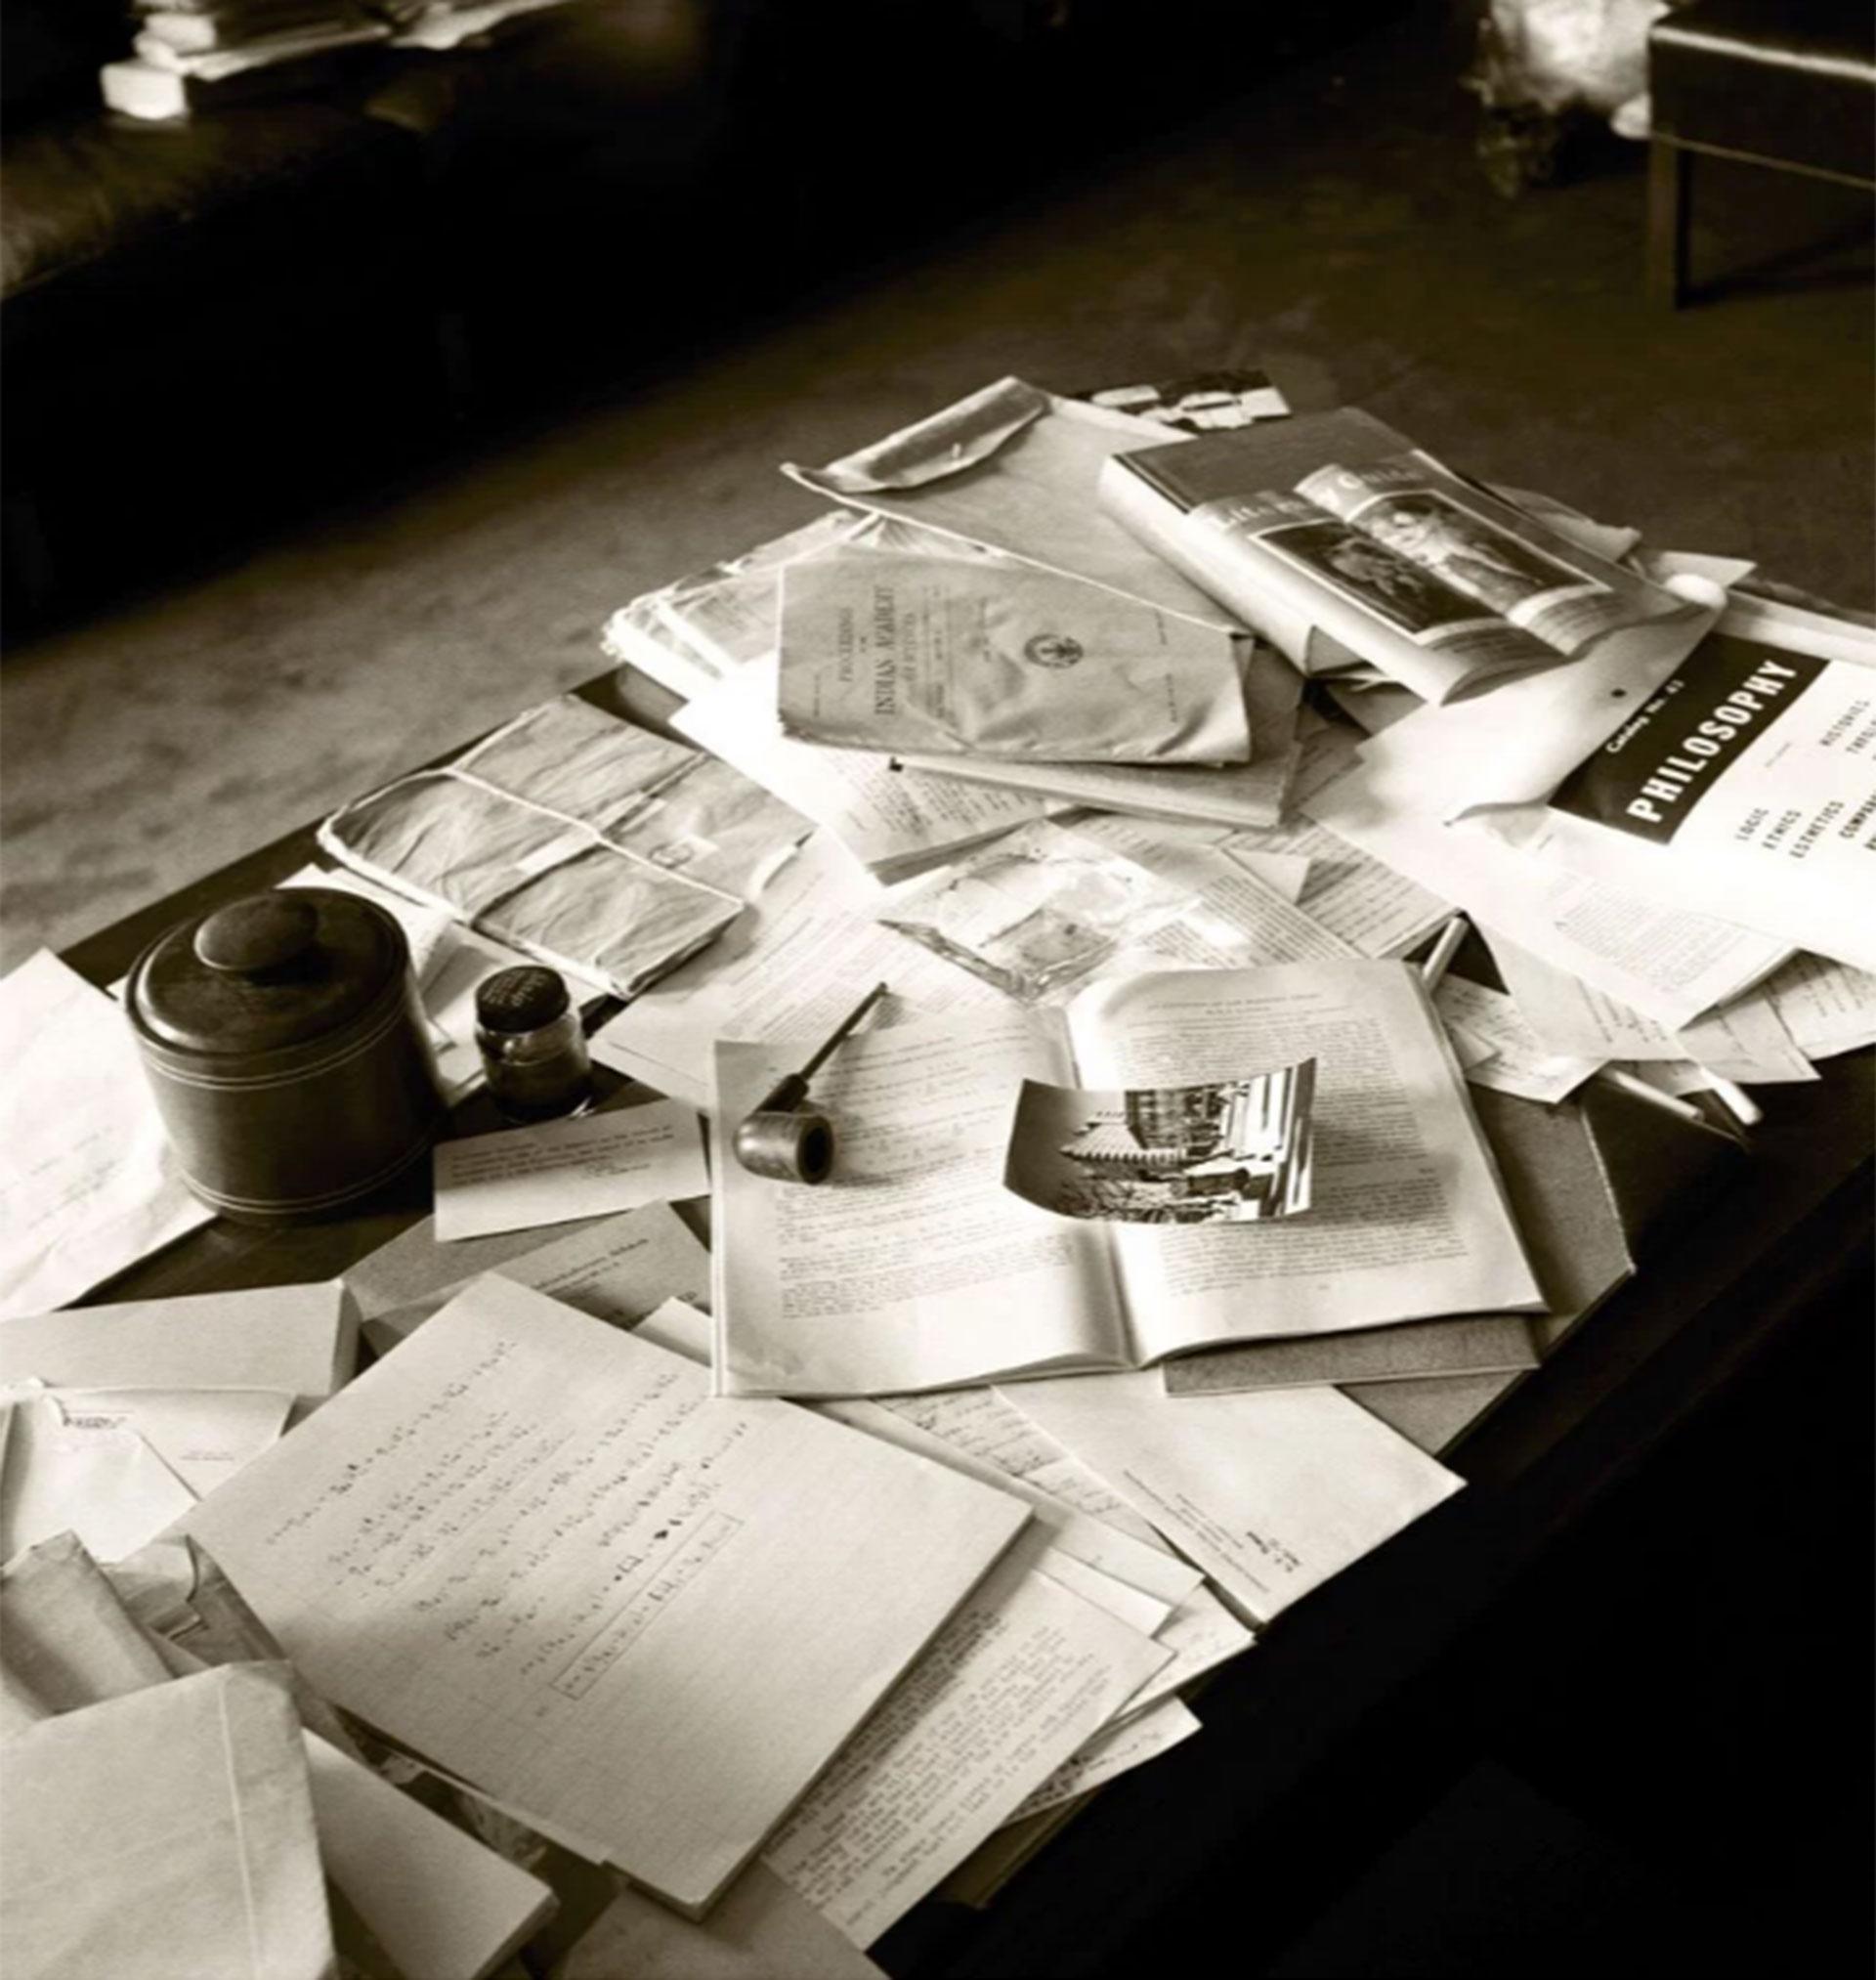 Una pipa, una fotografía, un tintero, libros… así estaba el escritorio de Albert Einstein el día que murió (Ralph Morse – Life Magazine – Getty)